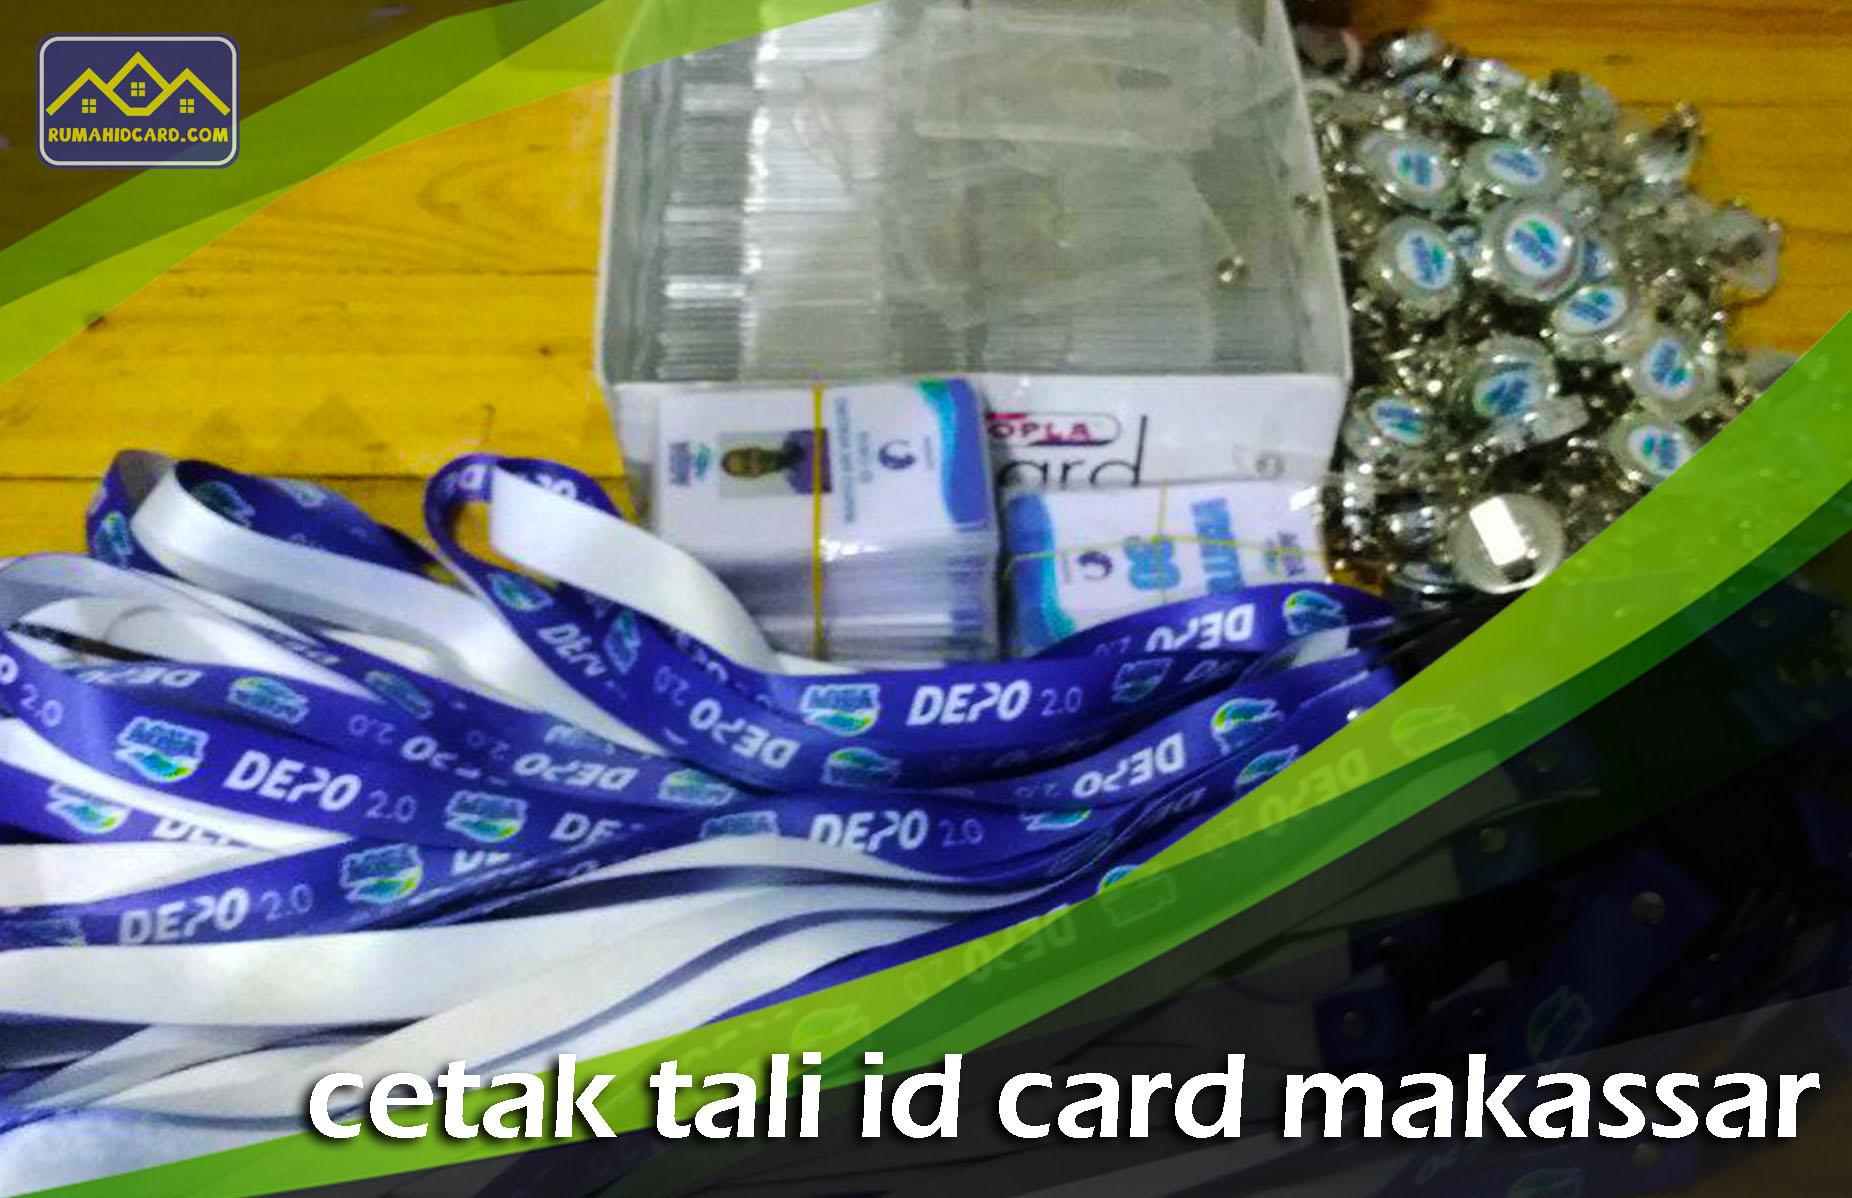 Cetak Tali Id Card Makassar